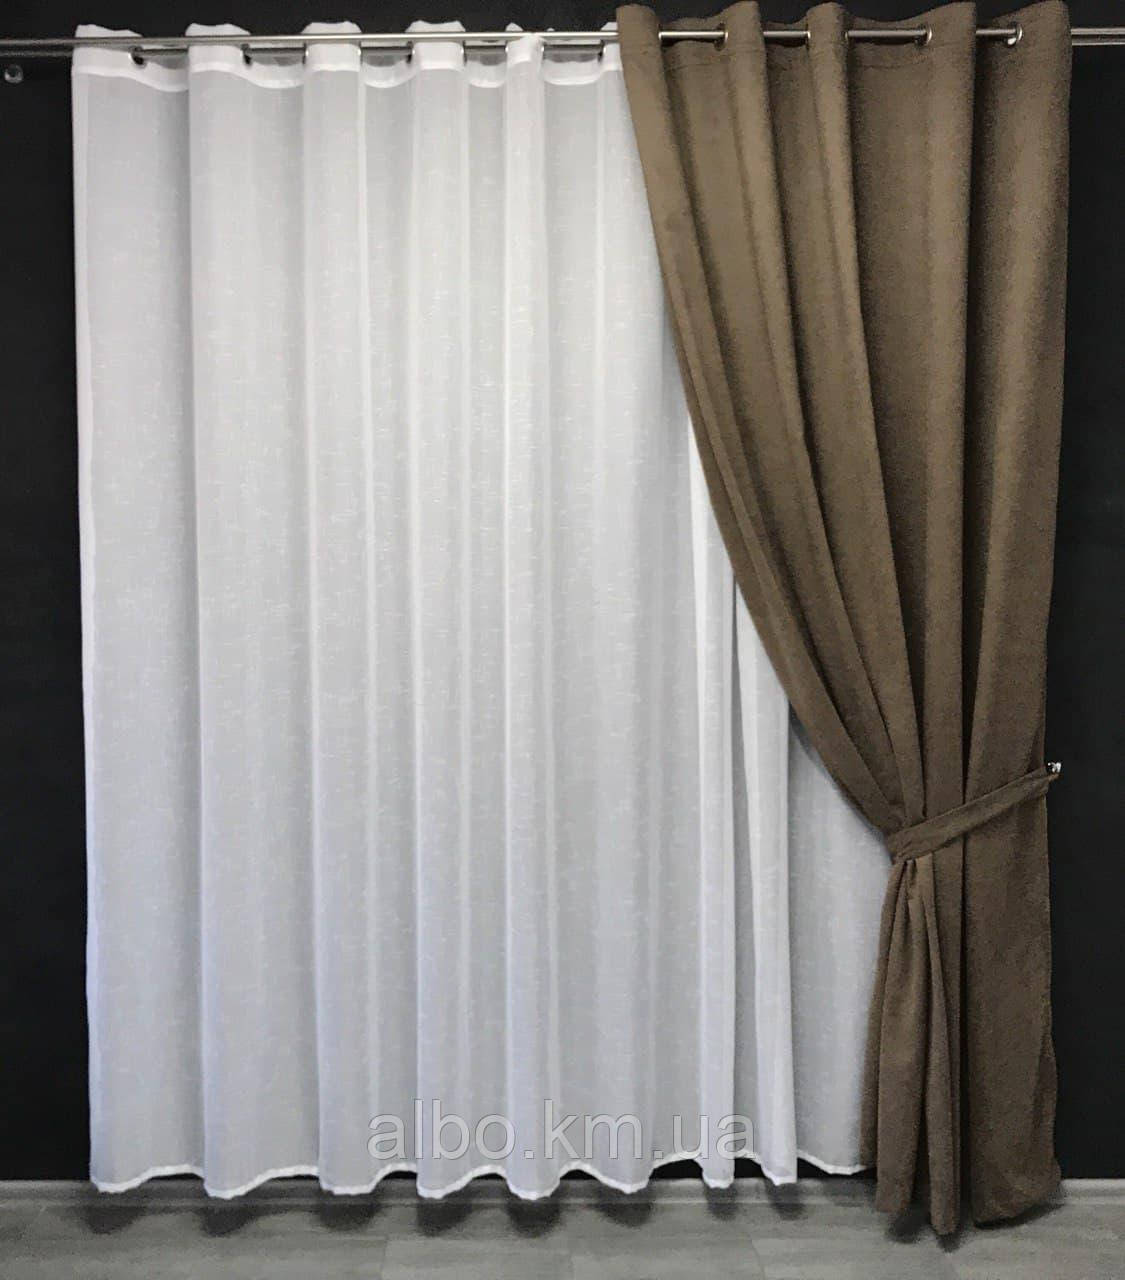 Готові штори для залу спальні кухні, штора на люверсах в кімнату квартиру будинок кухню, мікровелюр для будинку спальні залу кухні